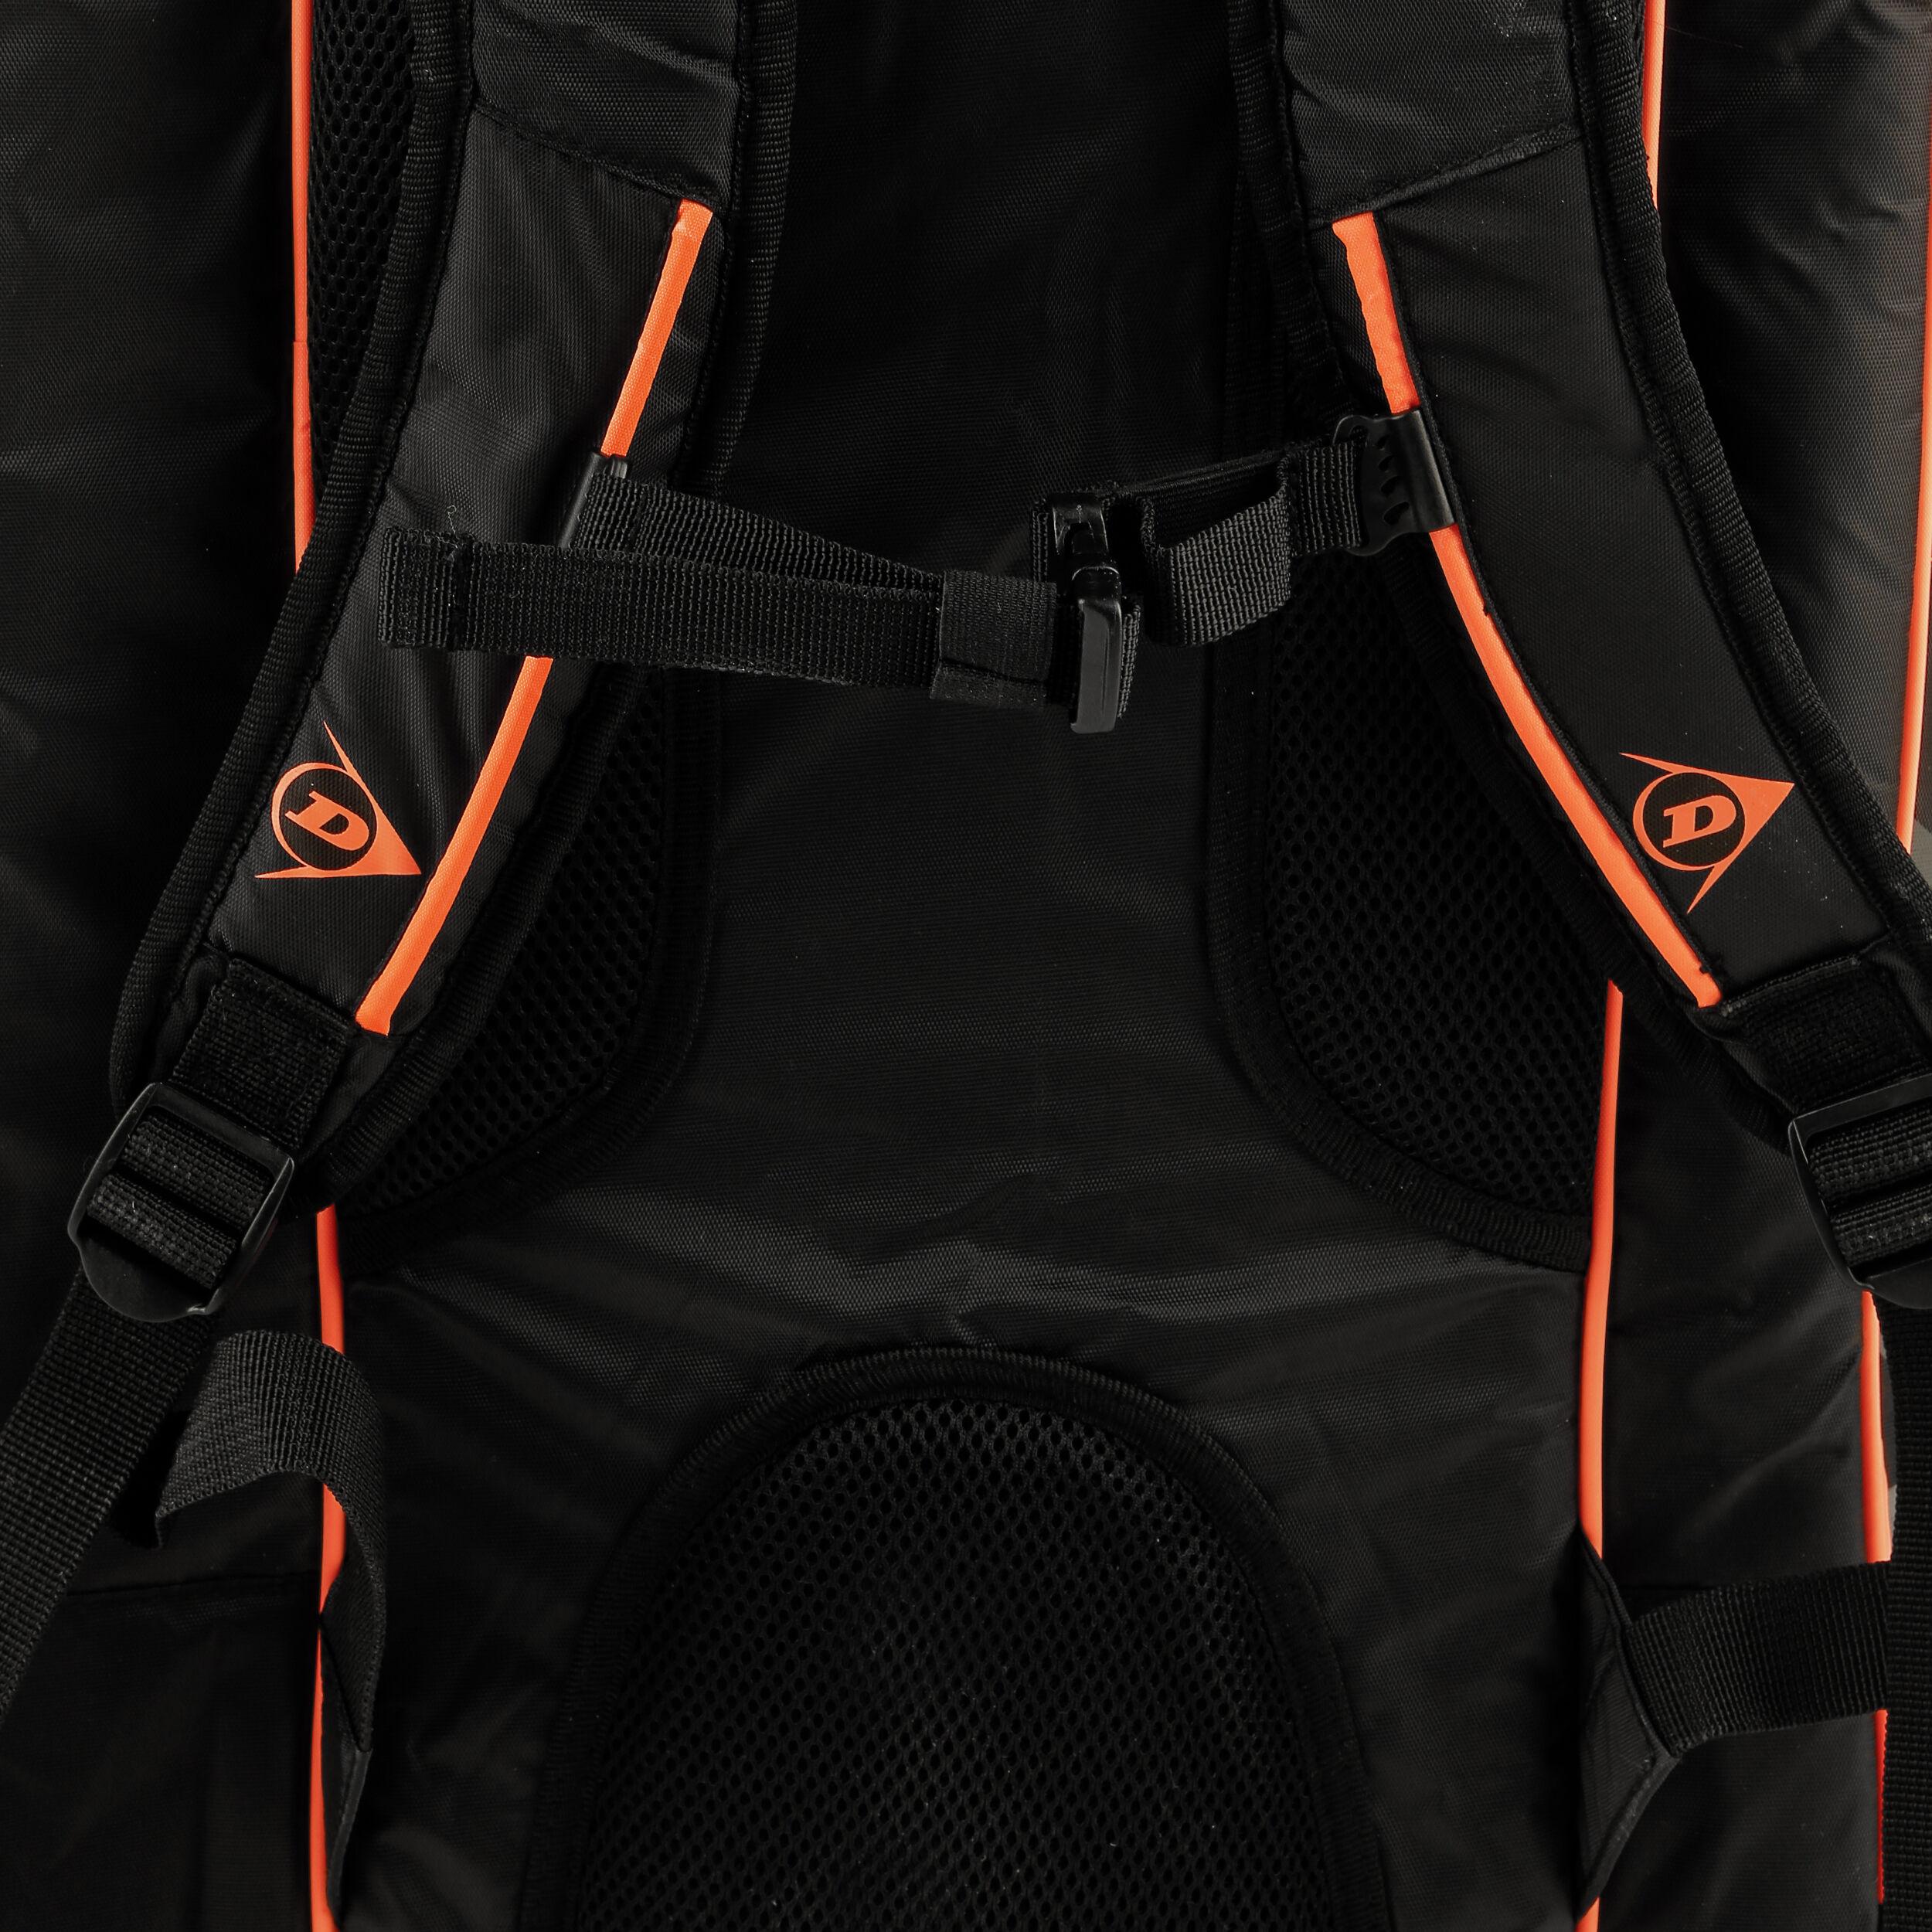 Dunlop Revolution NT Rygsæk Sort, Orange